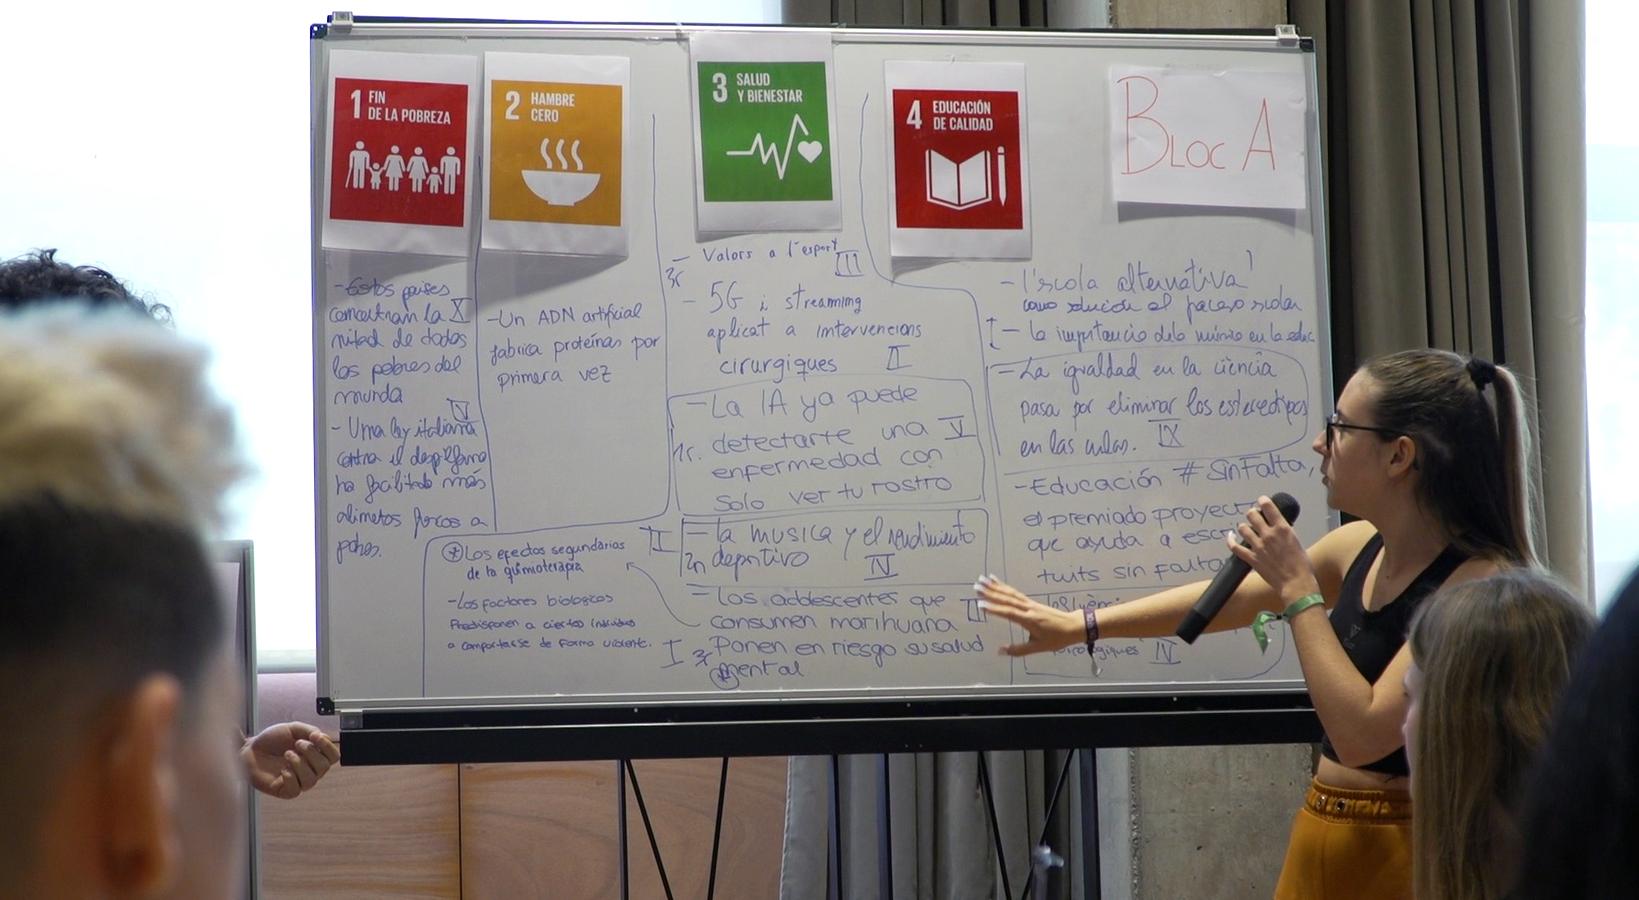 La Salut, La Innovació I La Reducció De Desigualtats Són Els ODS Que Més Interessen A L'alumnat De 1r De Batxillerat De Cornellà